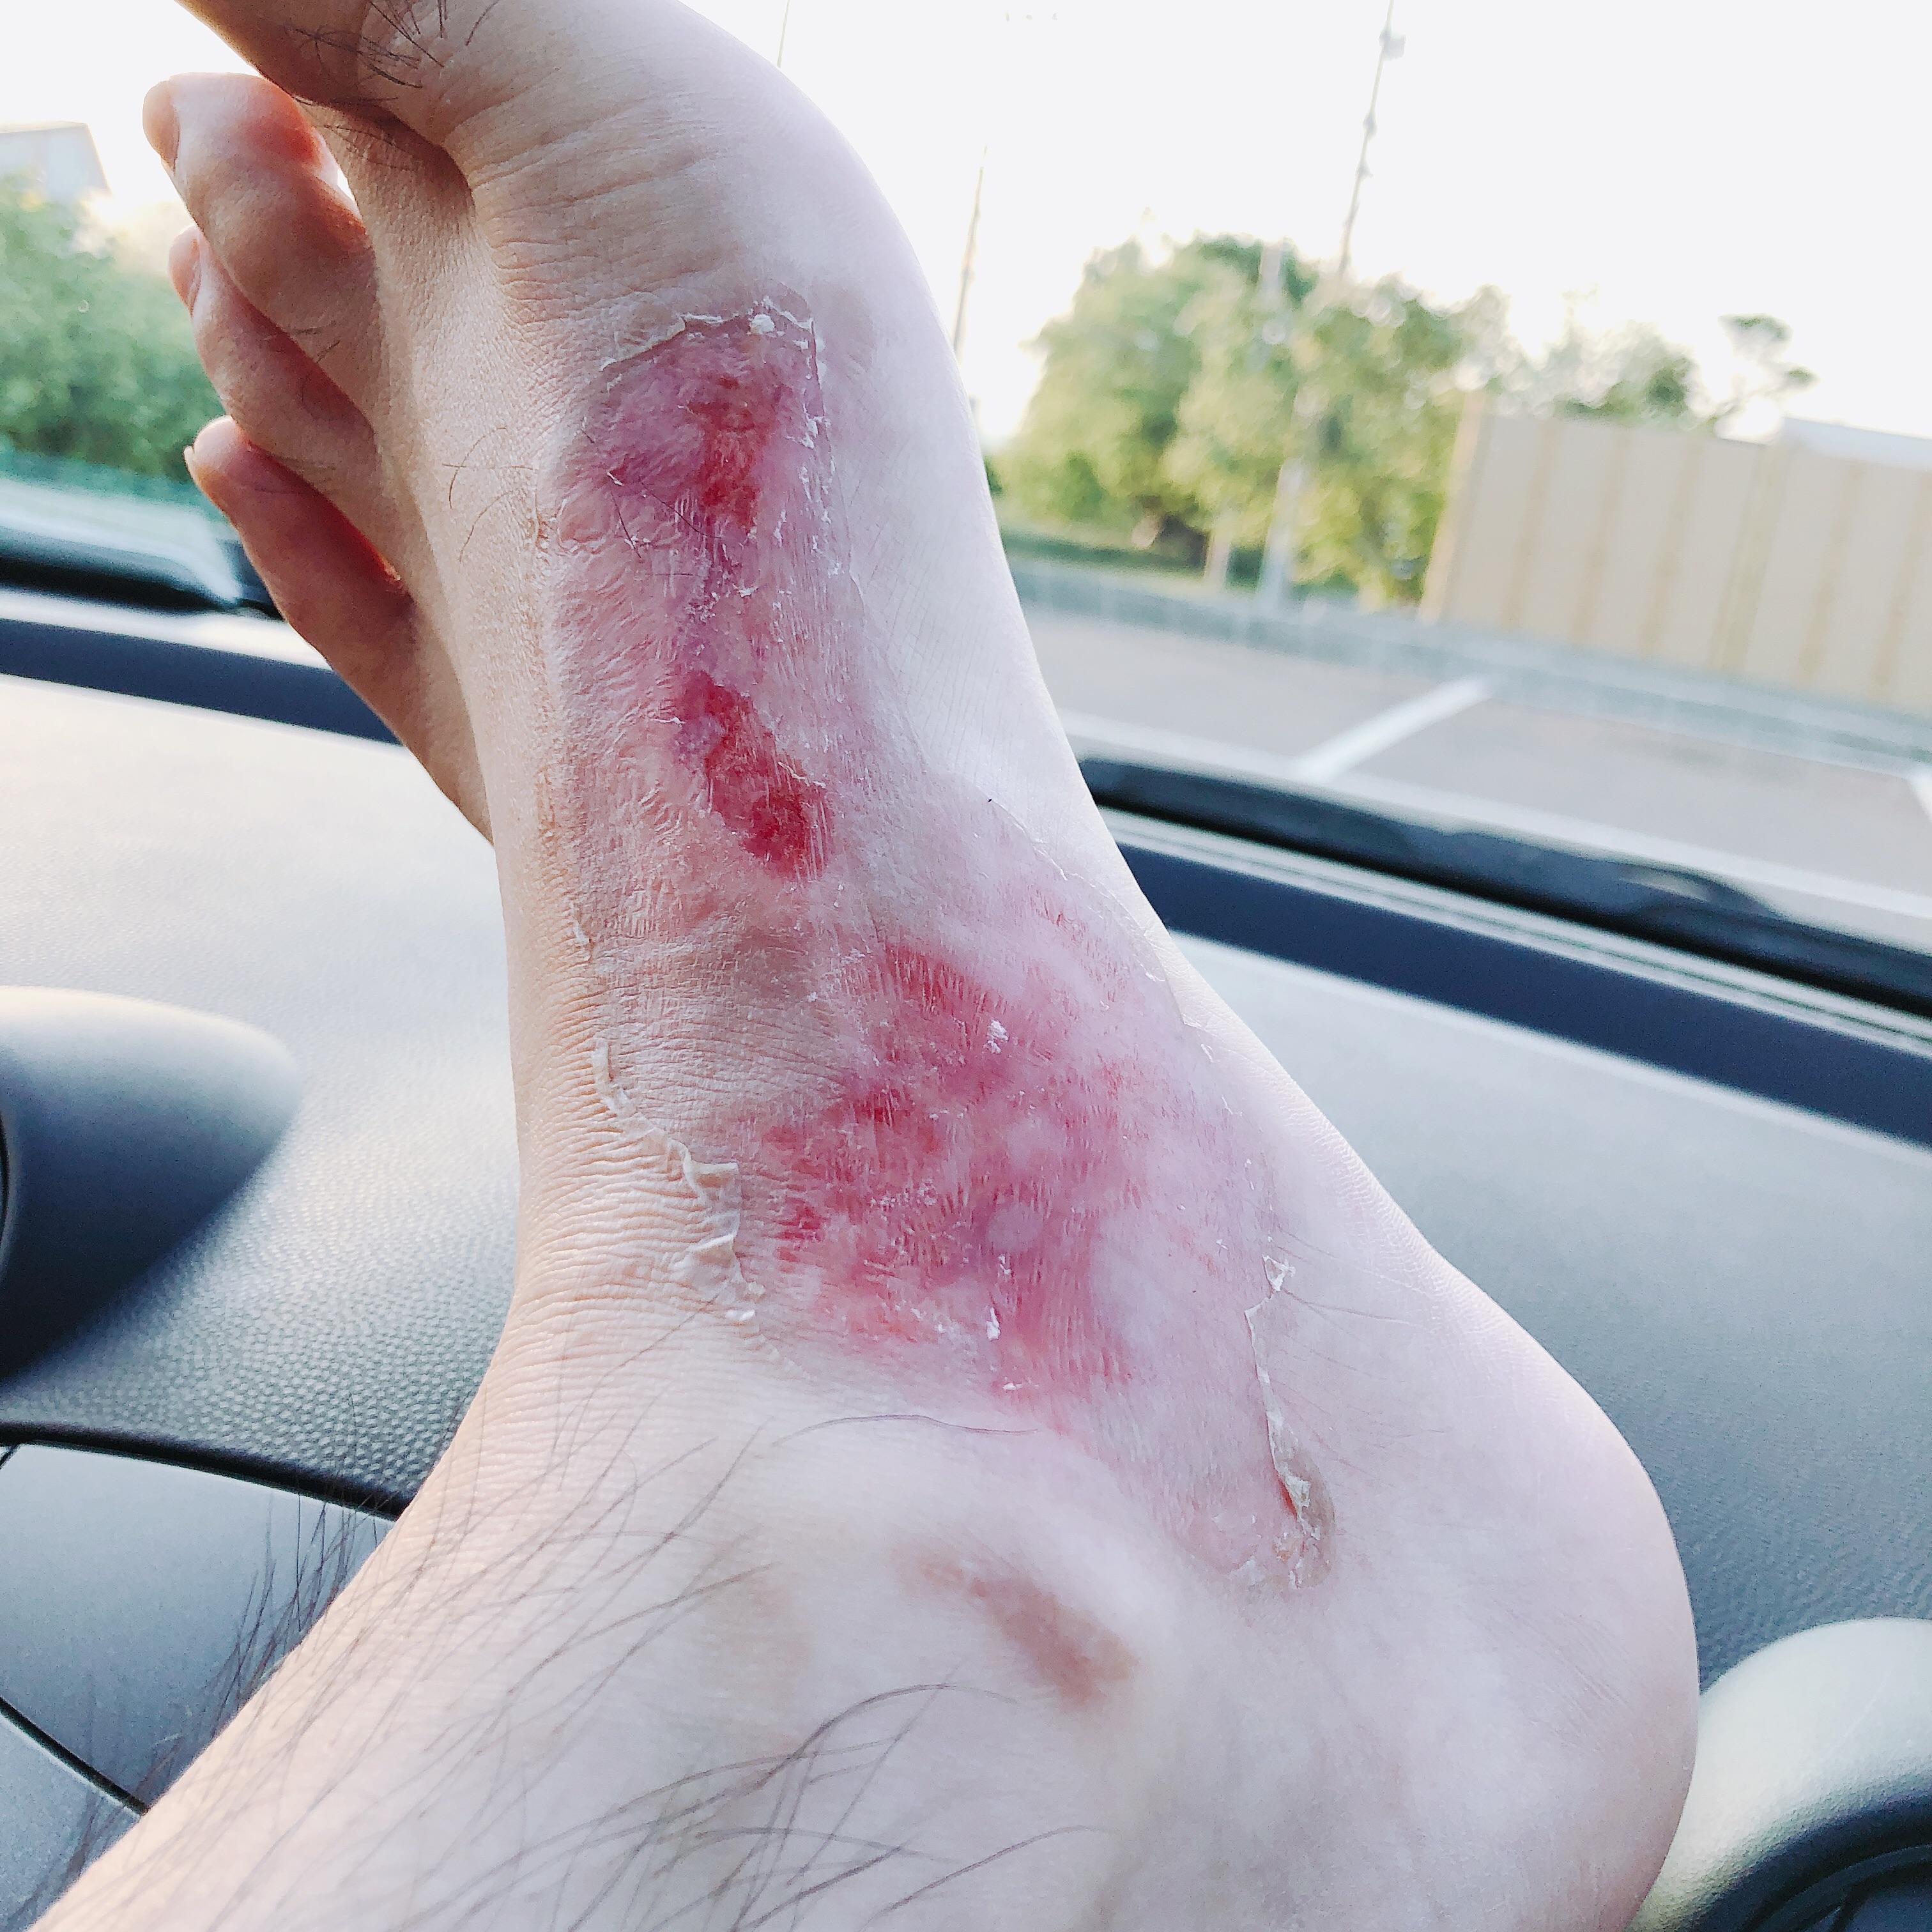 足の火傷12日目